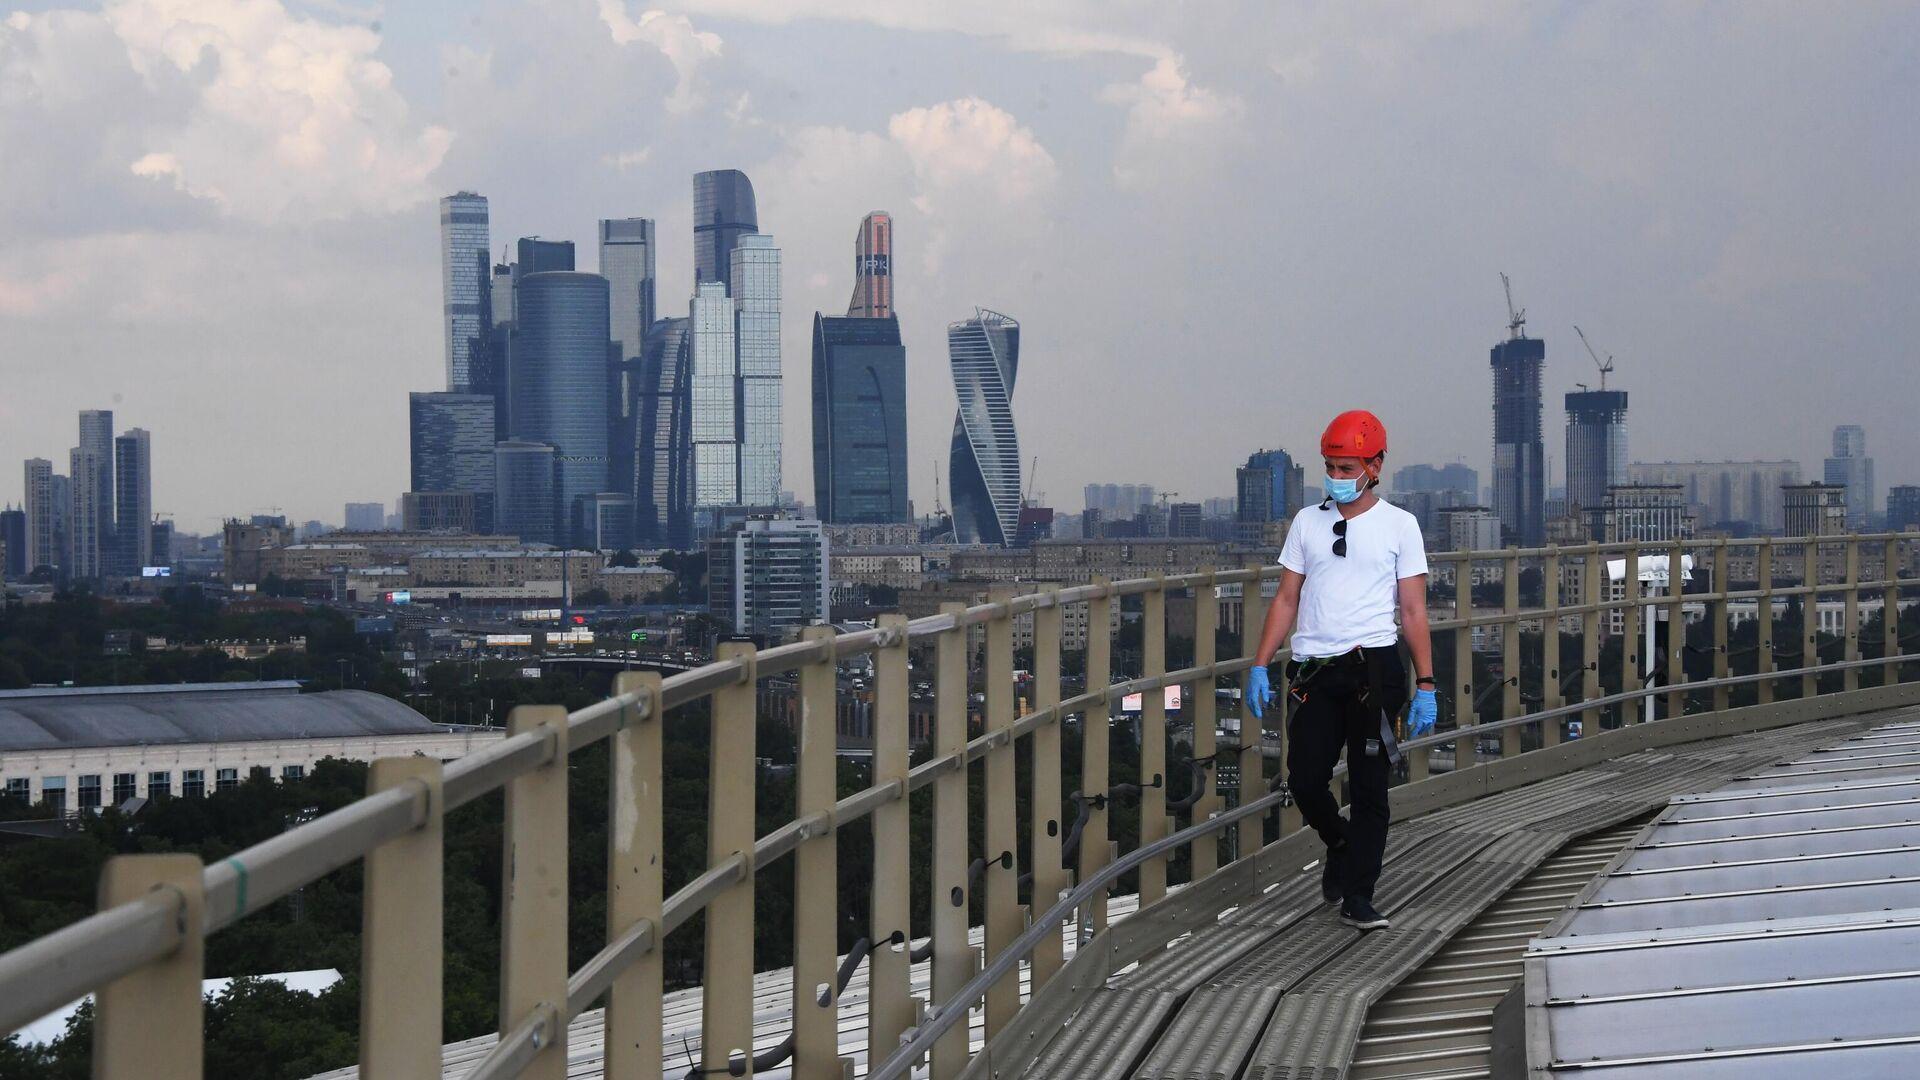 Человек на крыше - РИА Новости, 1920, 01.02.2021